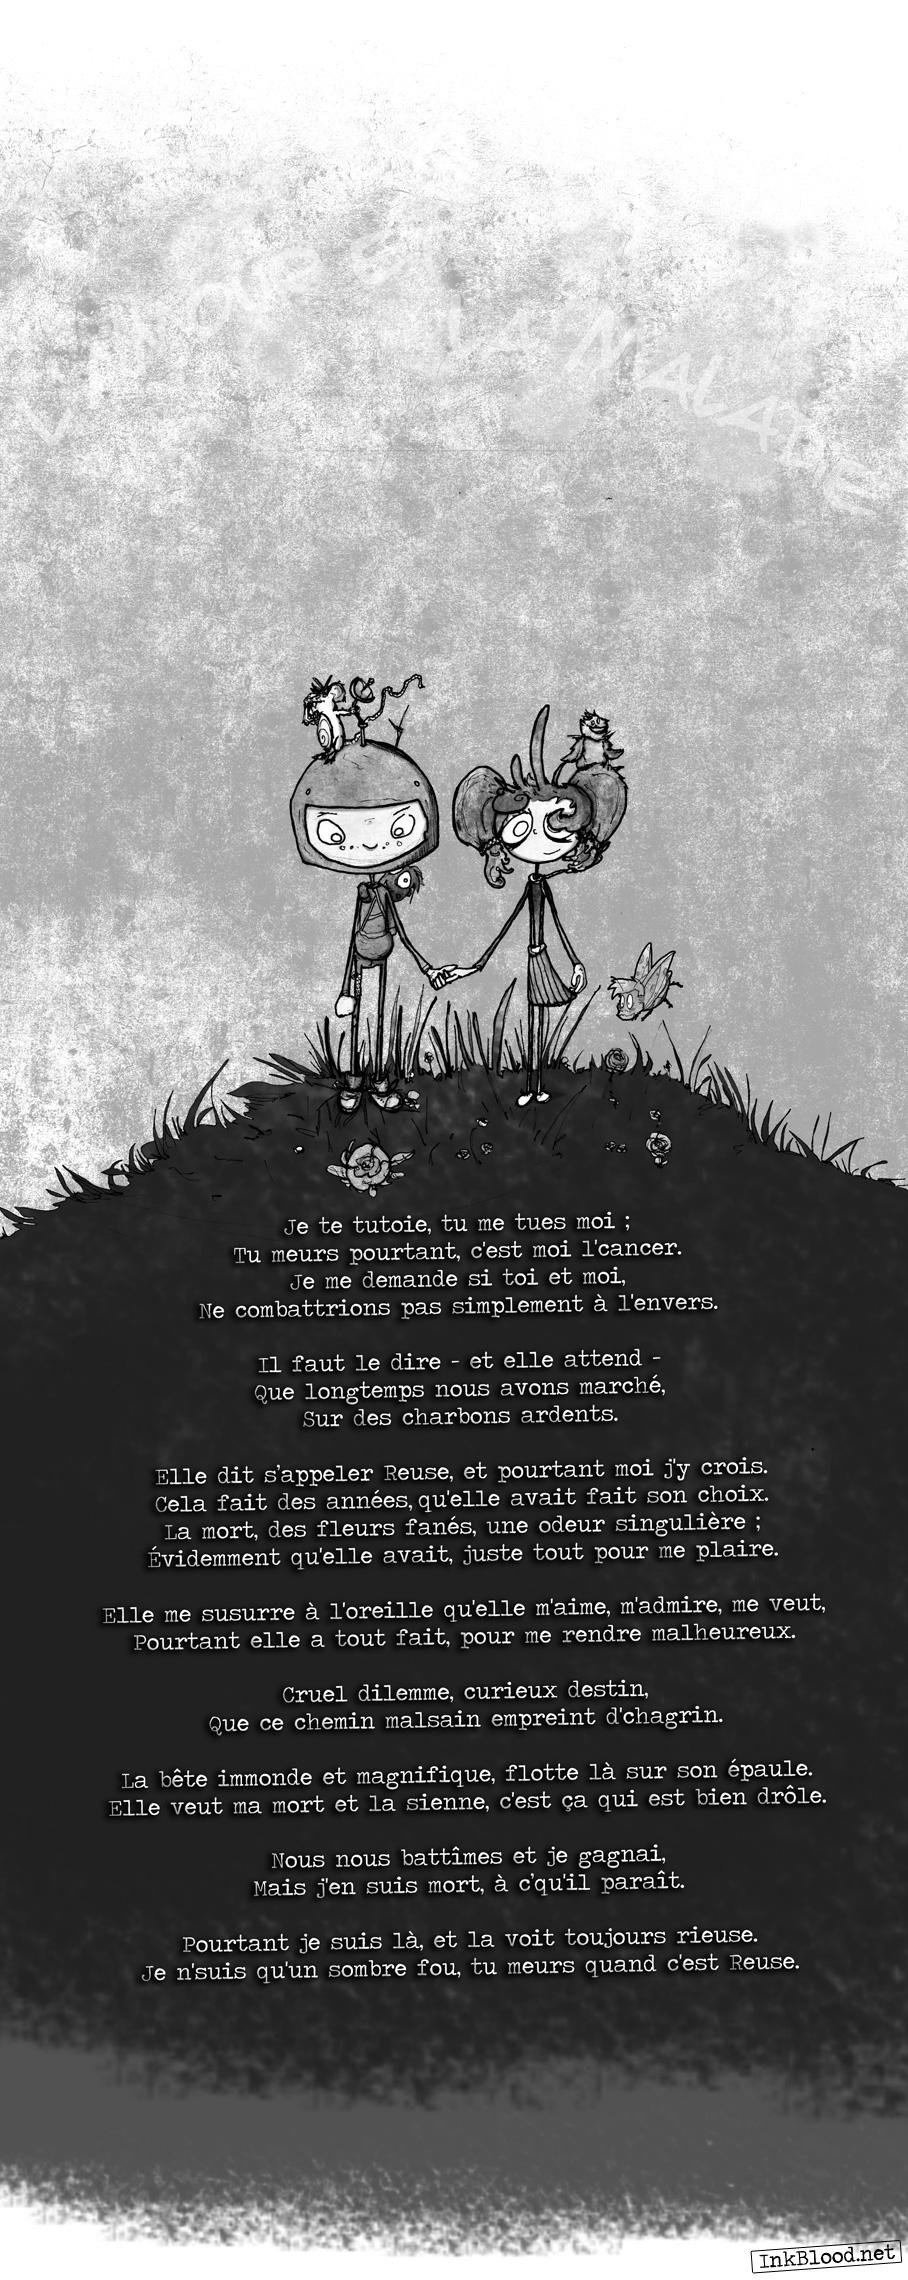 L'amour-et-la-maladieV2